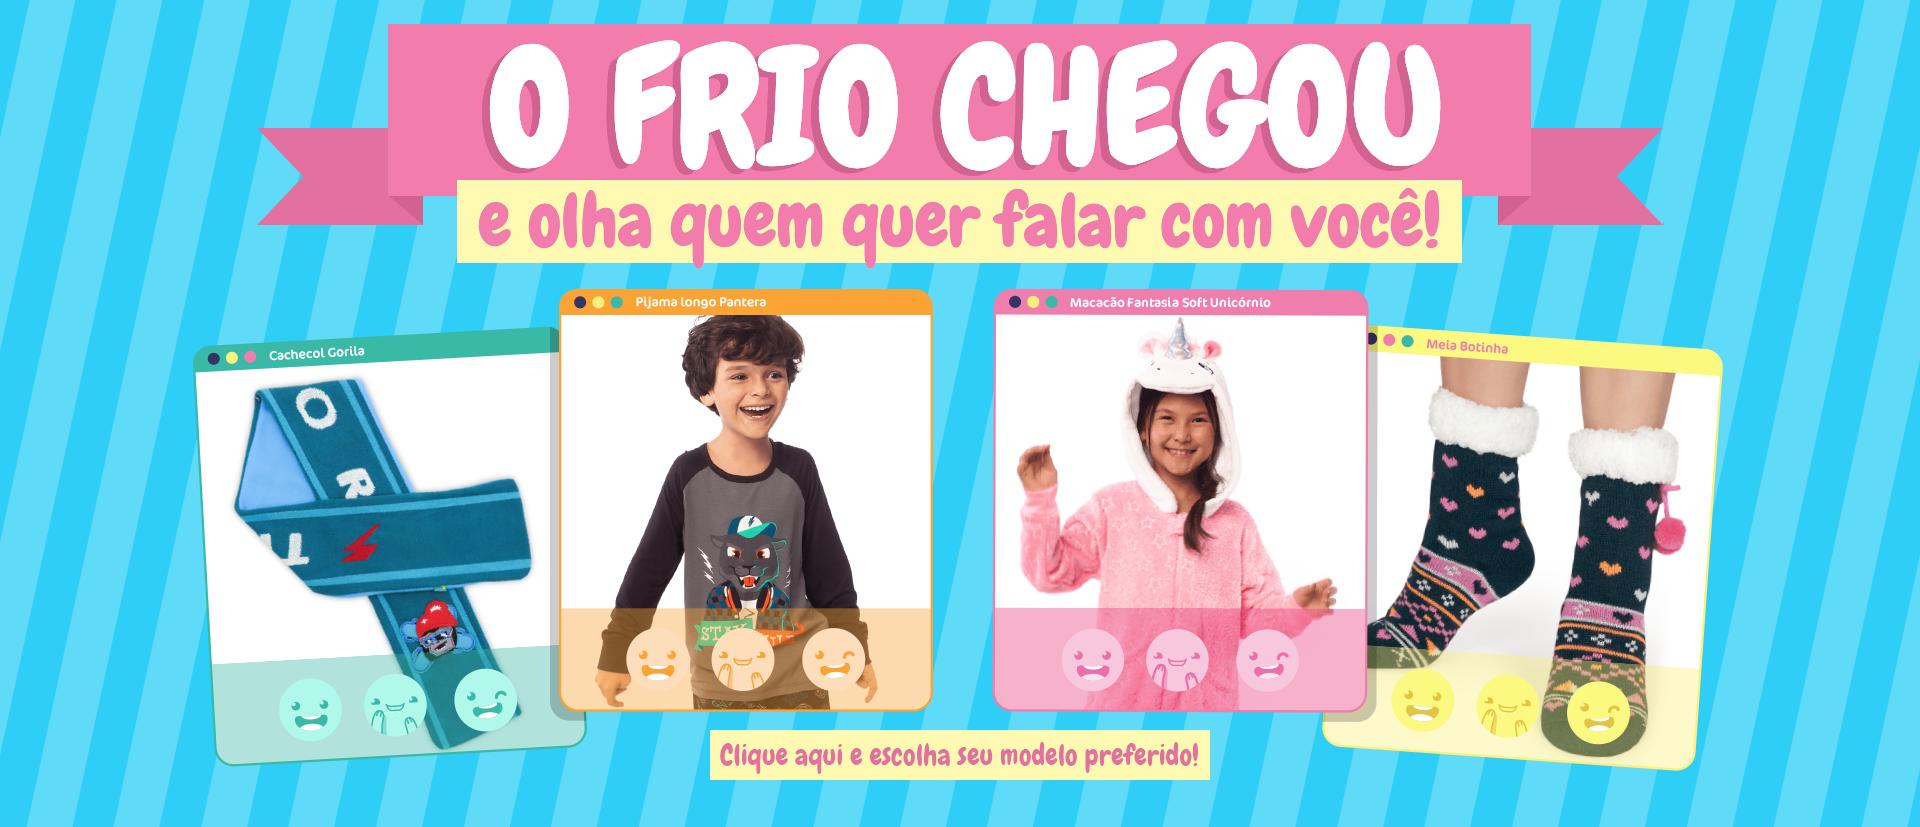 BF-Frio